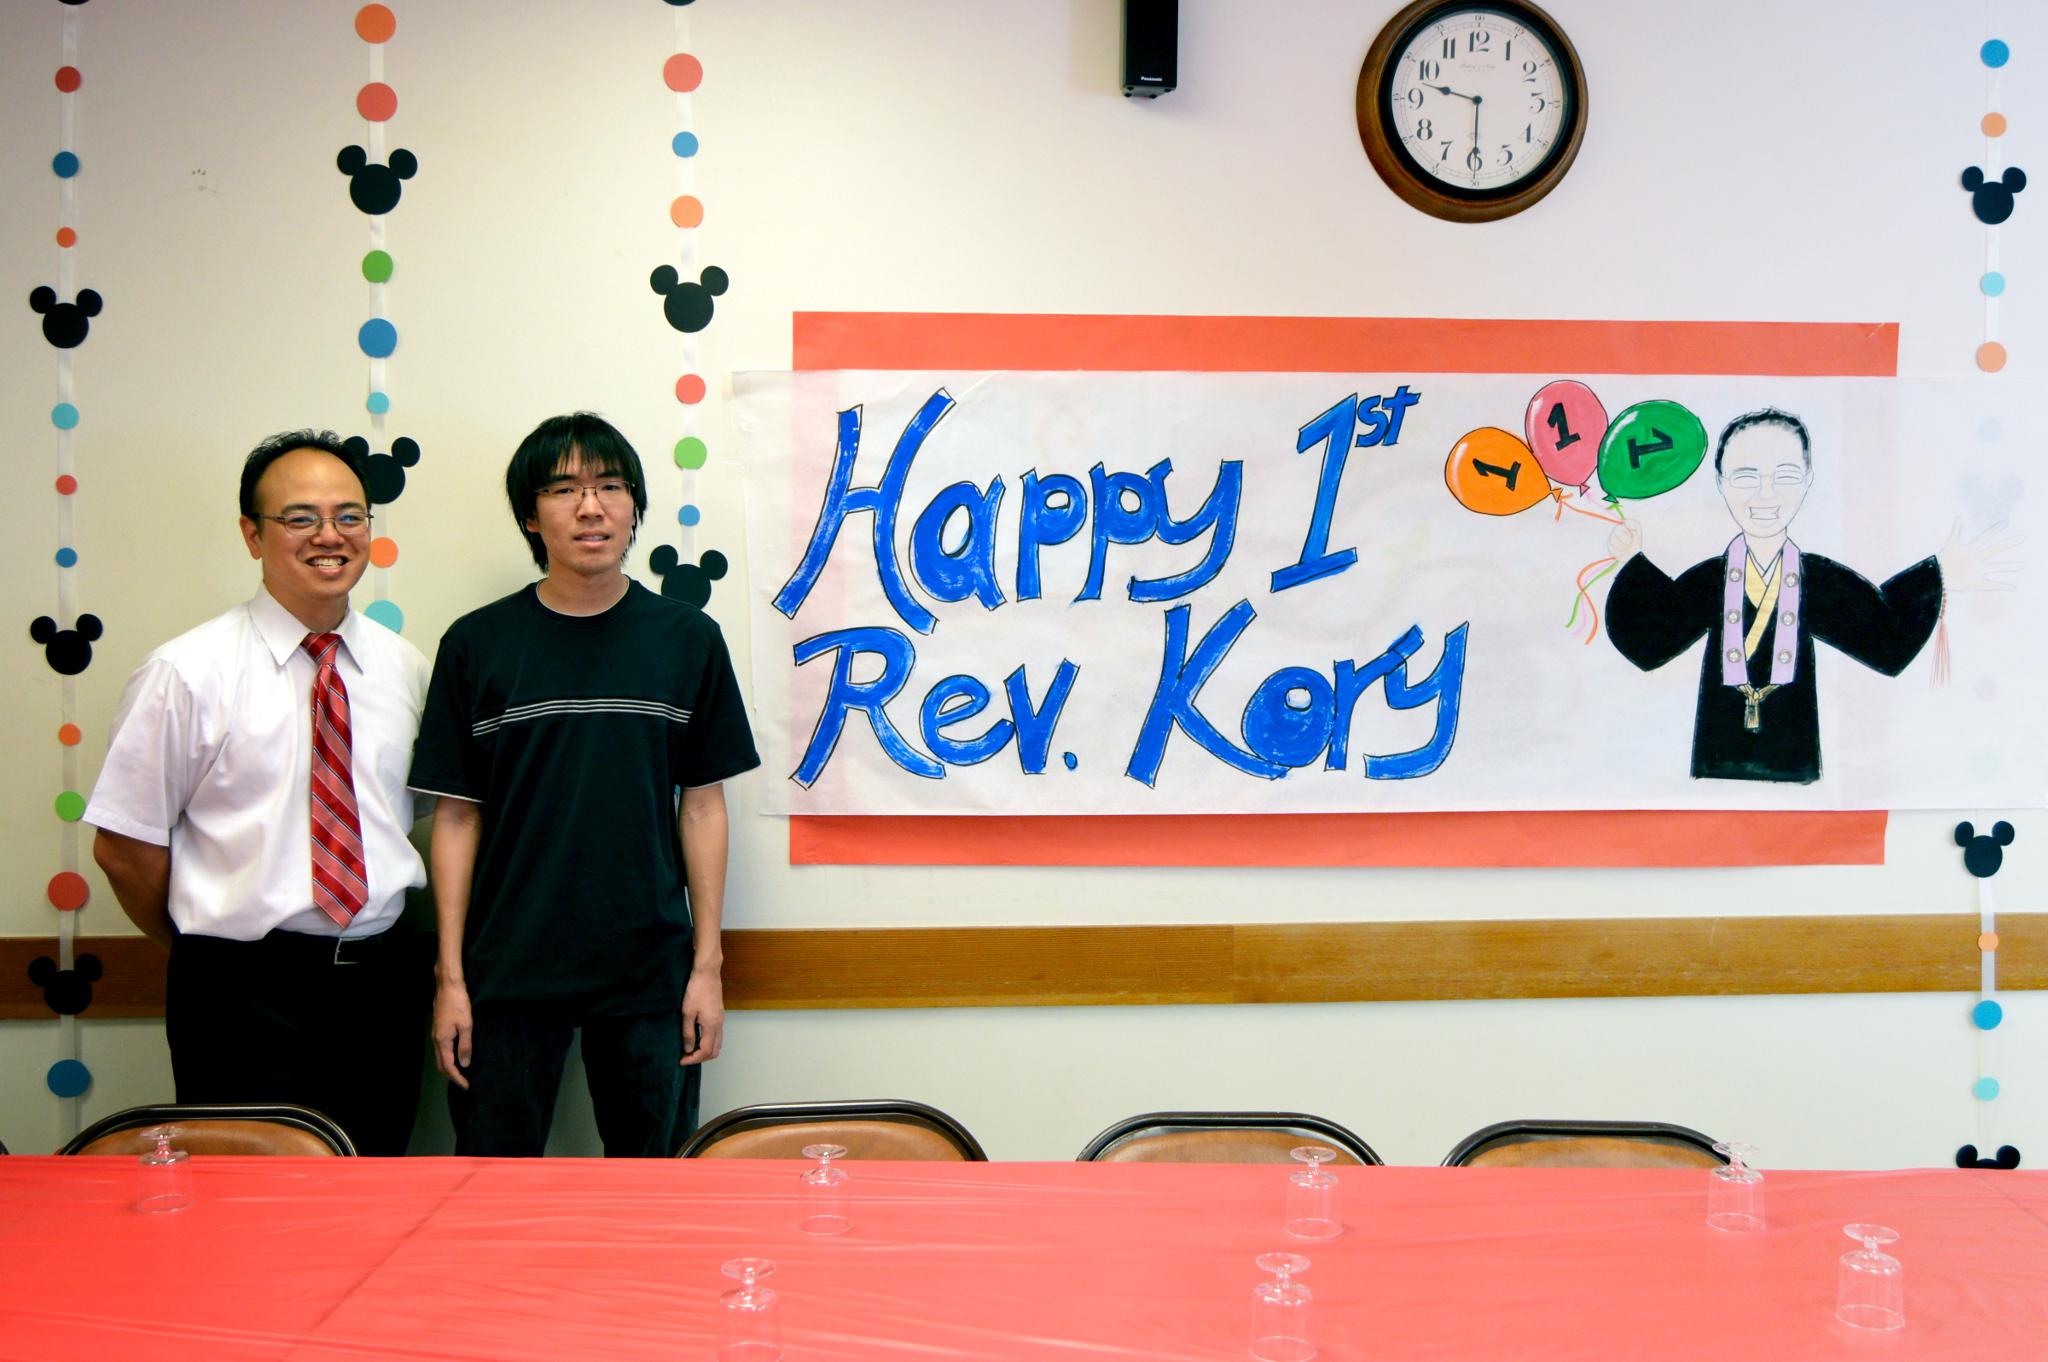 Rev. Kory's 1 Year Anniversary